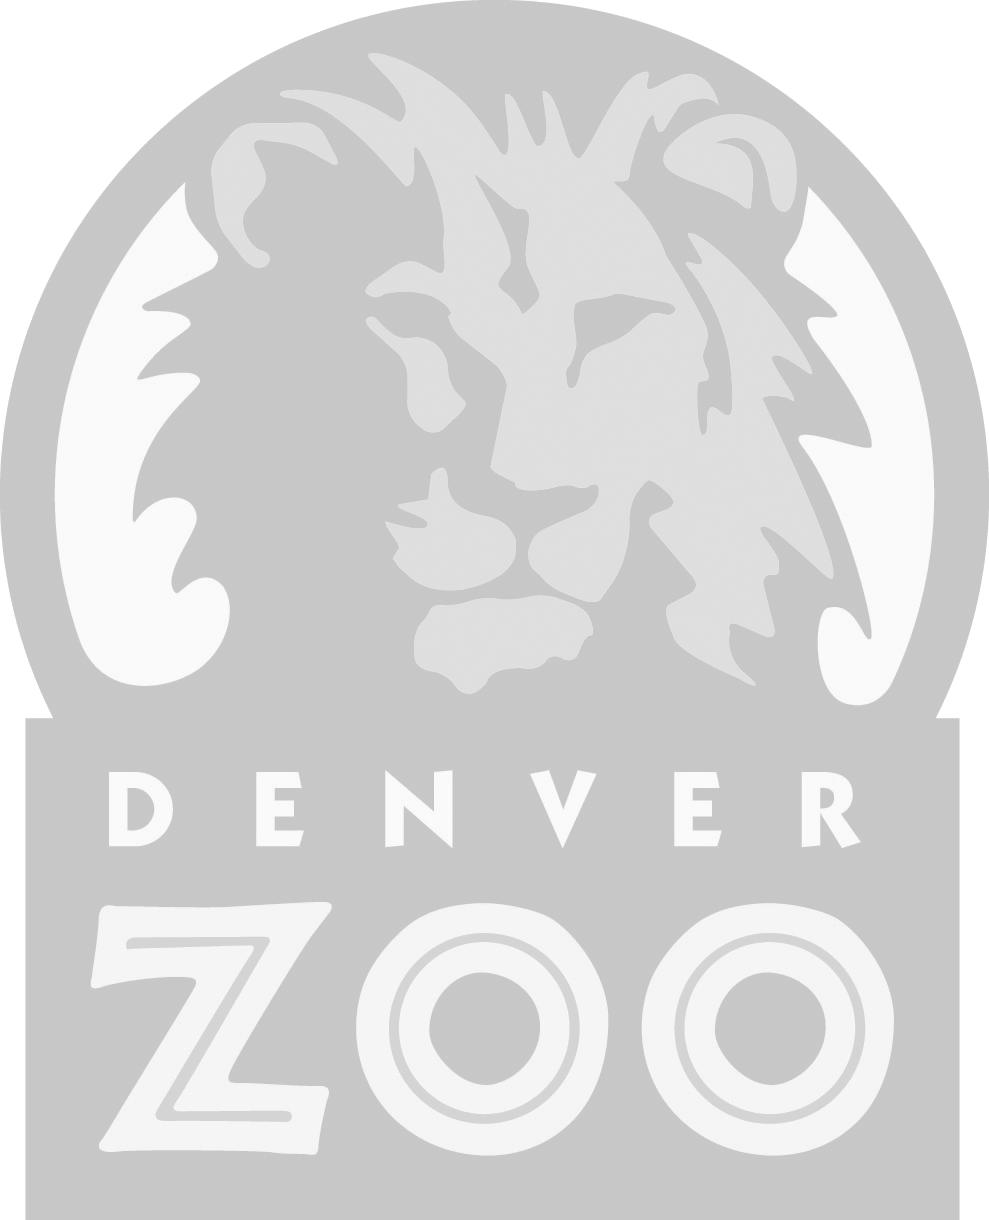 denver-zoo-logo-i1.png